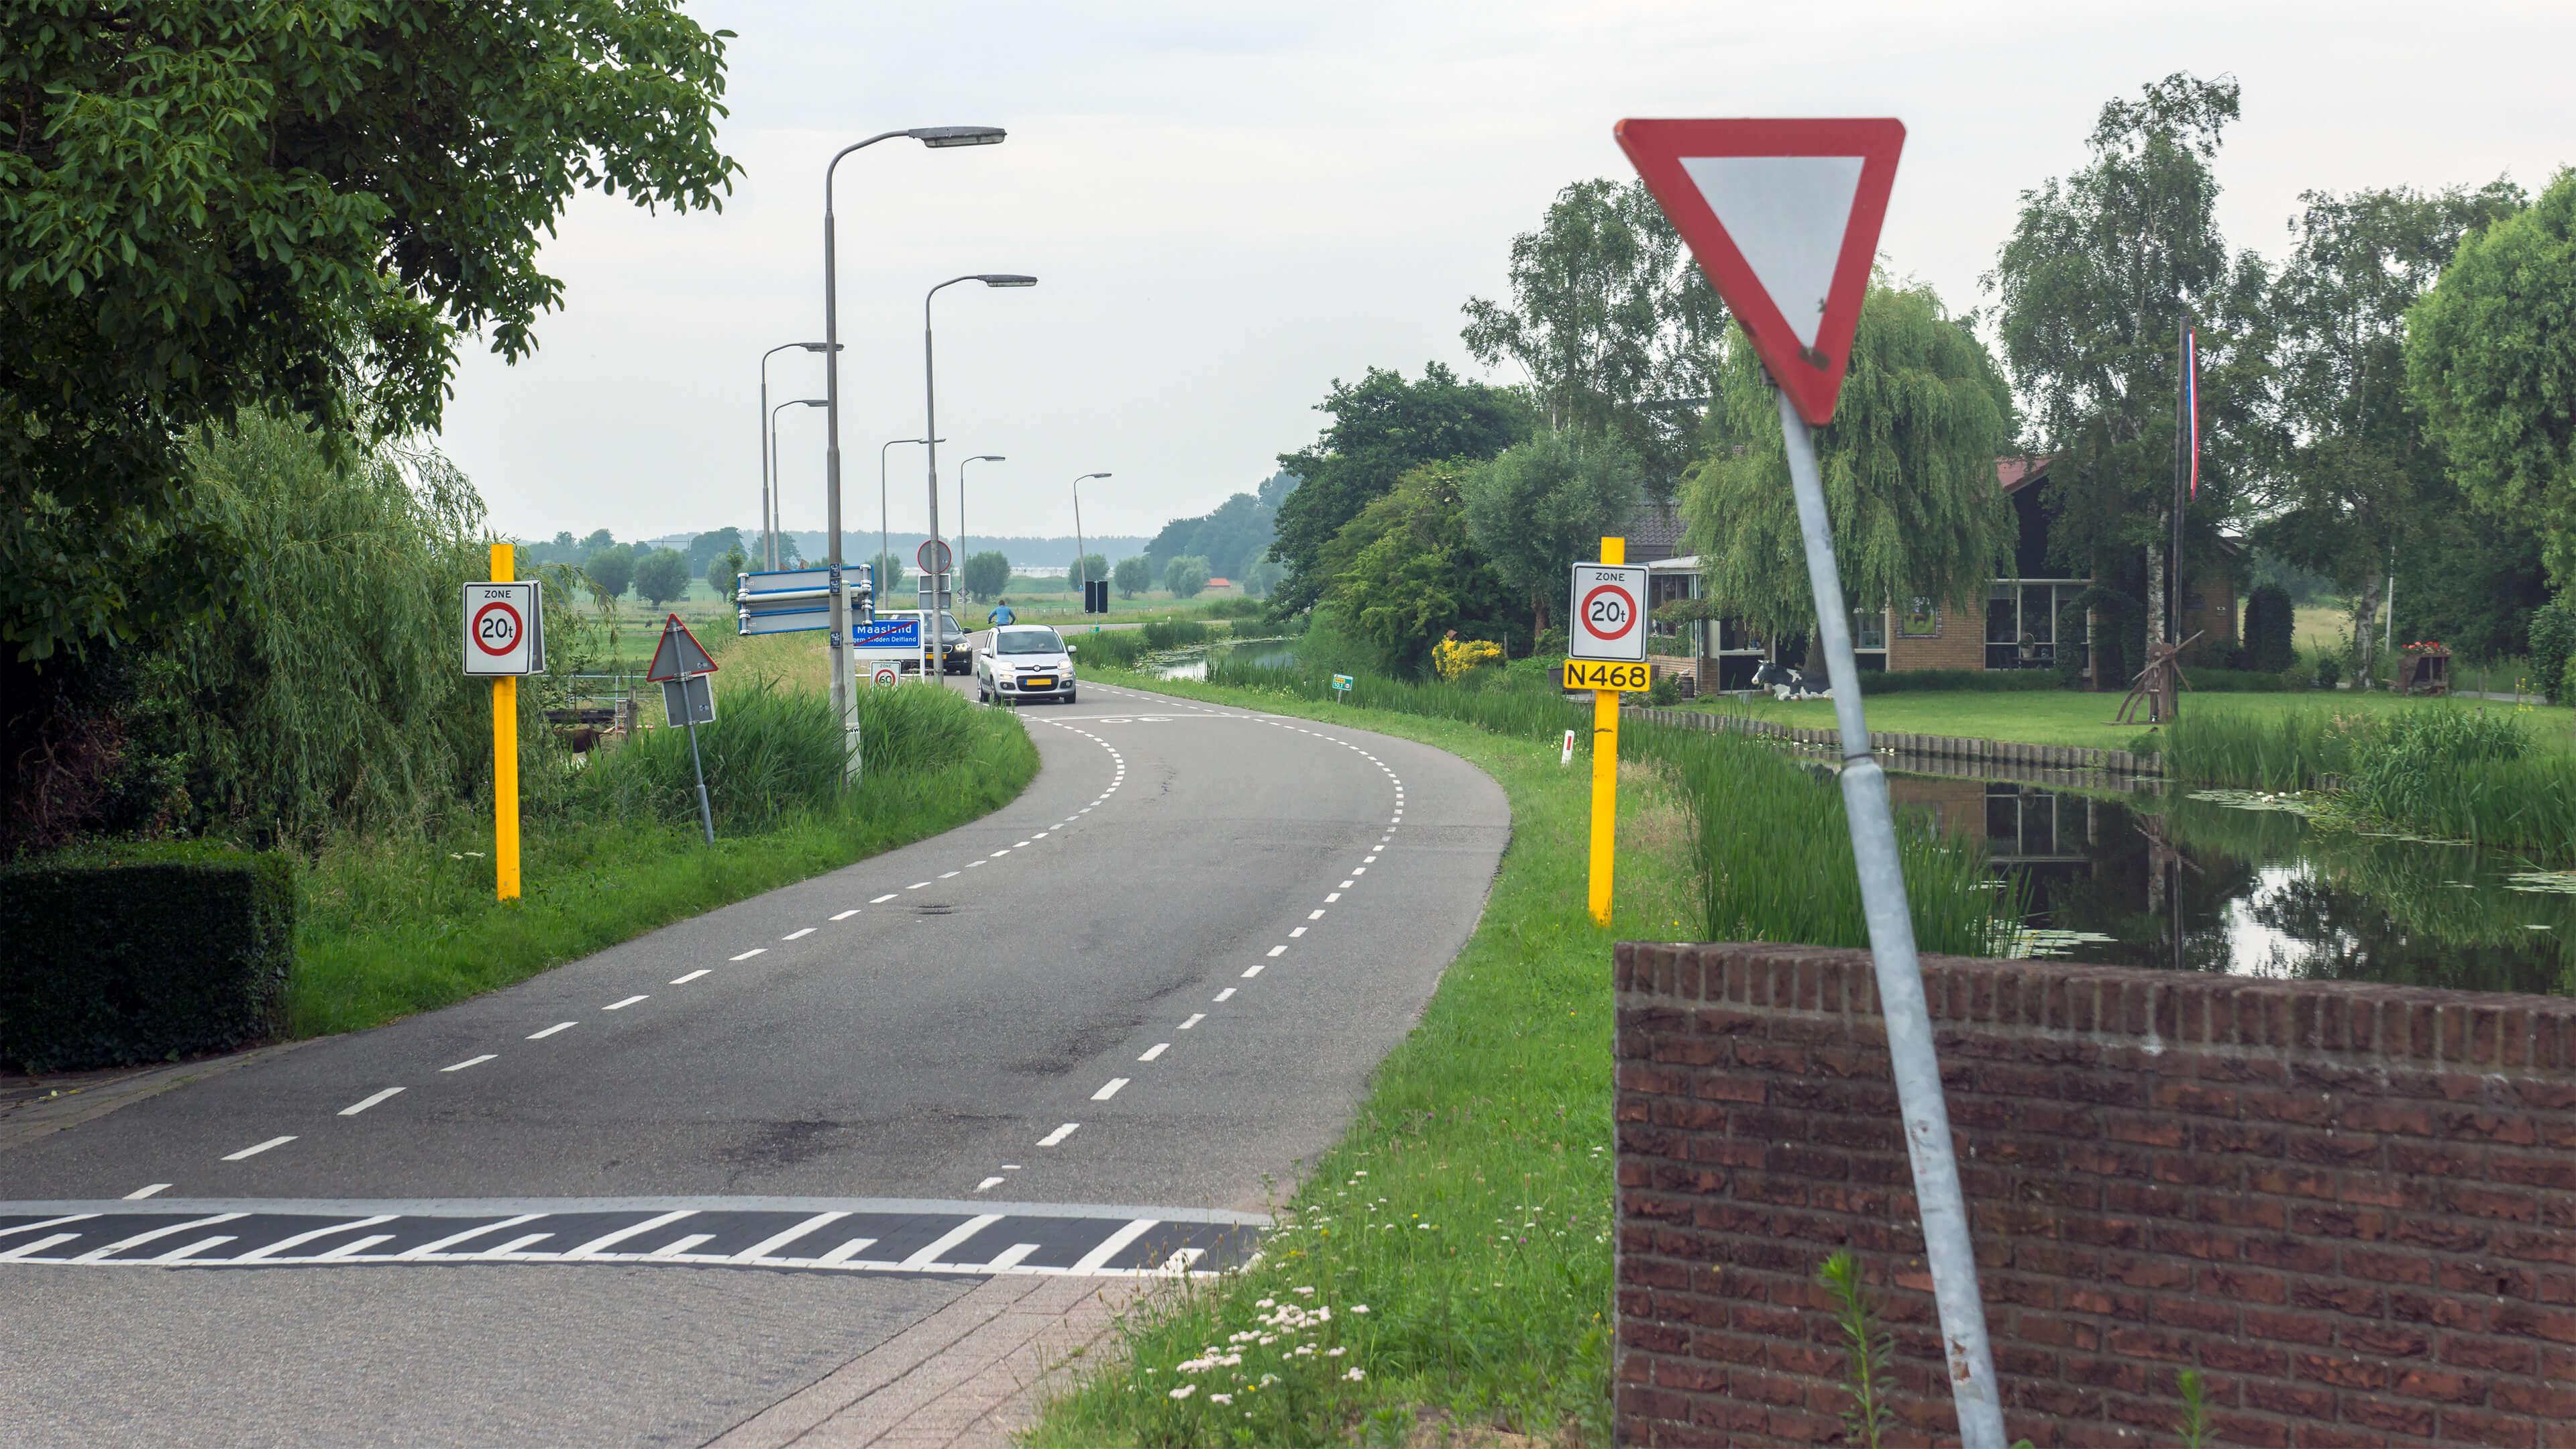 Foto van de Molenweg in Maasland. De foto wordt gebruikt op de pagina met de checklist aangaande het levenstestament.